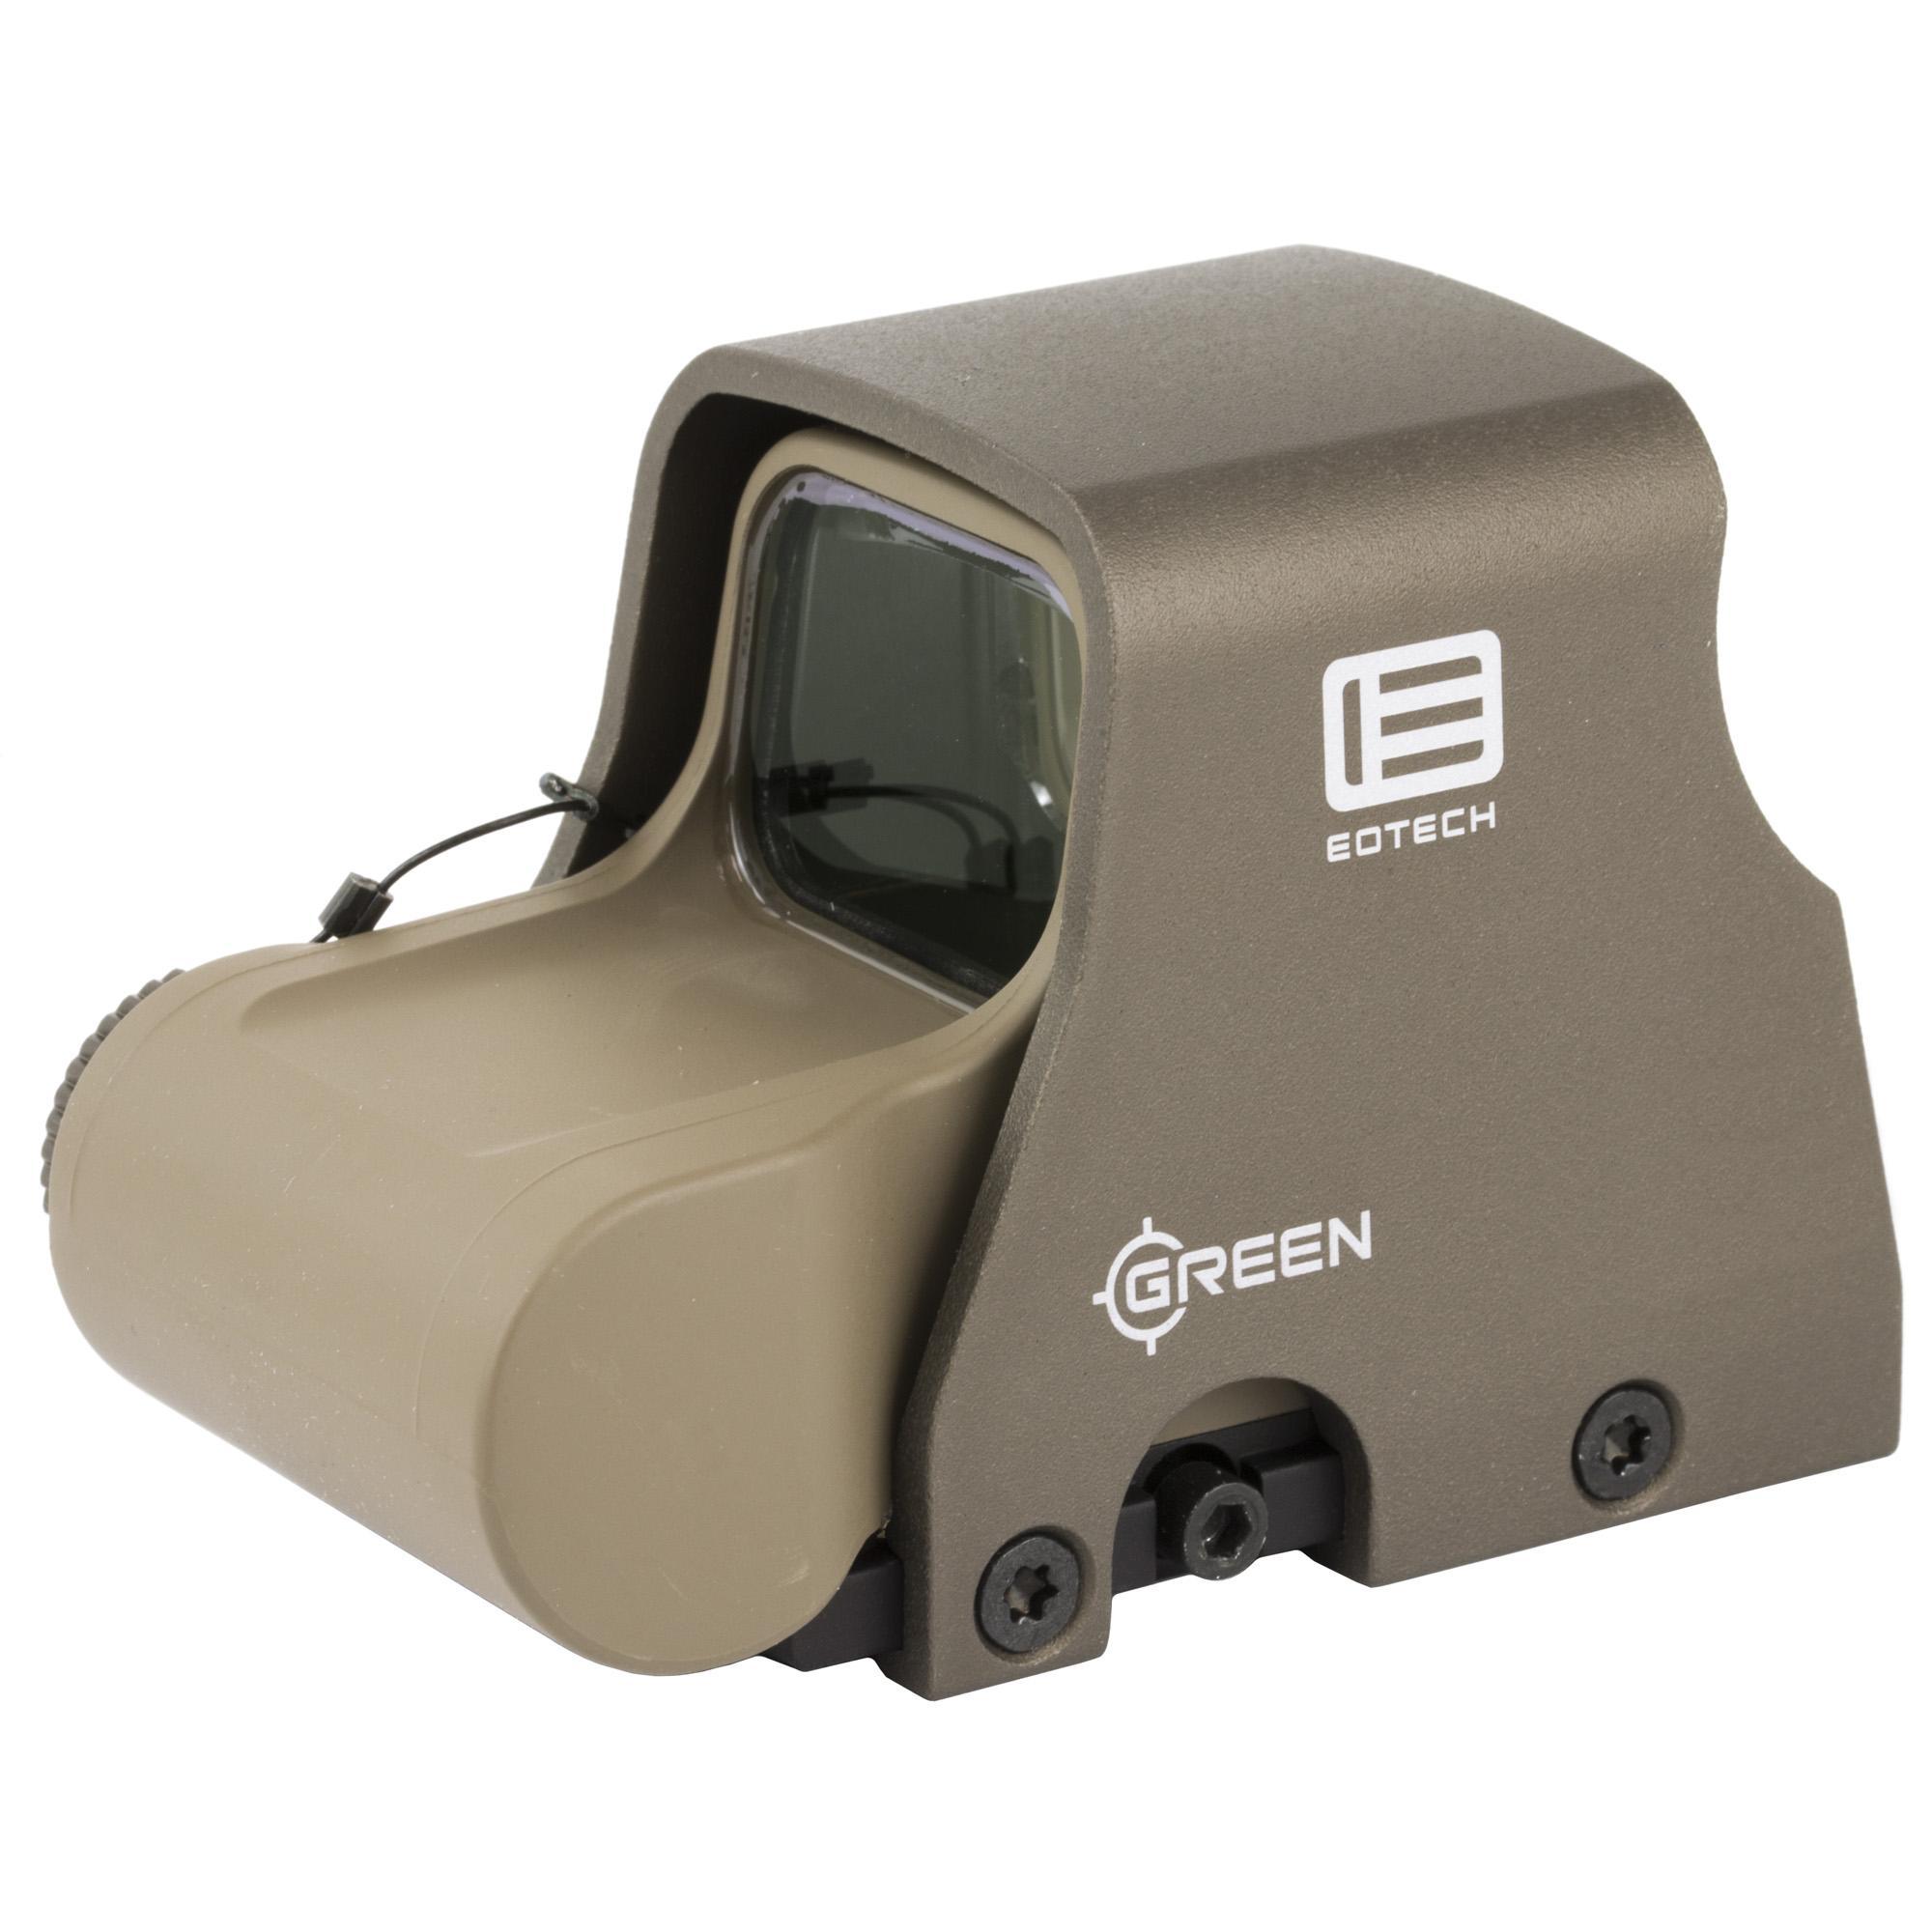 EOTech Eotech Xps2 Green 68moa/1moa Dot Tan